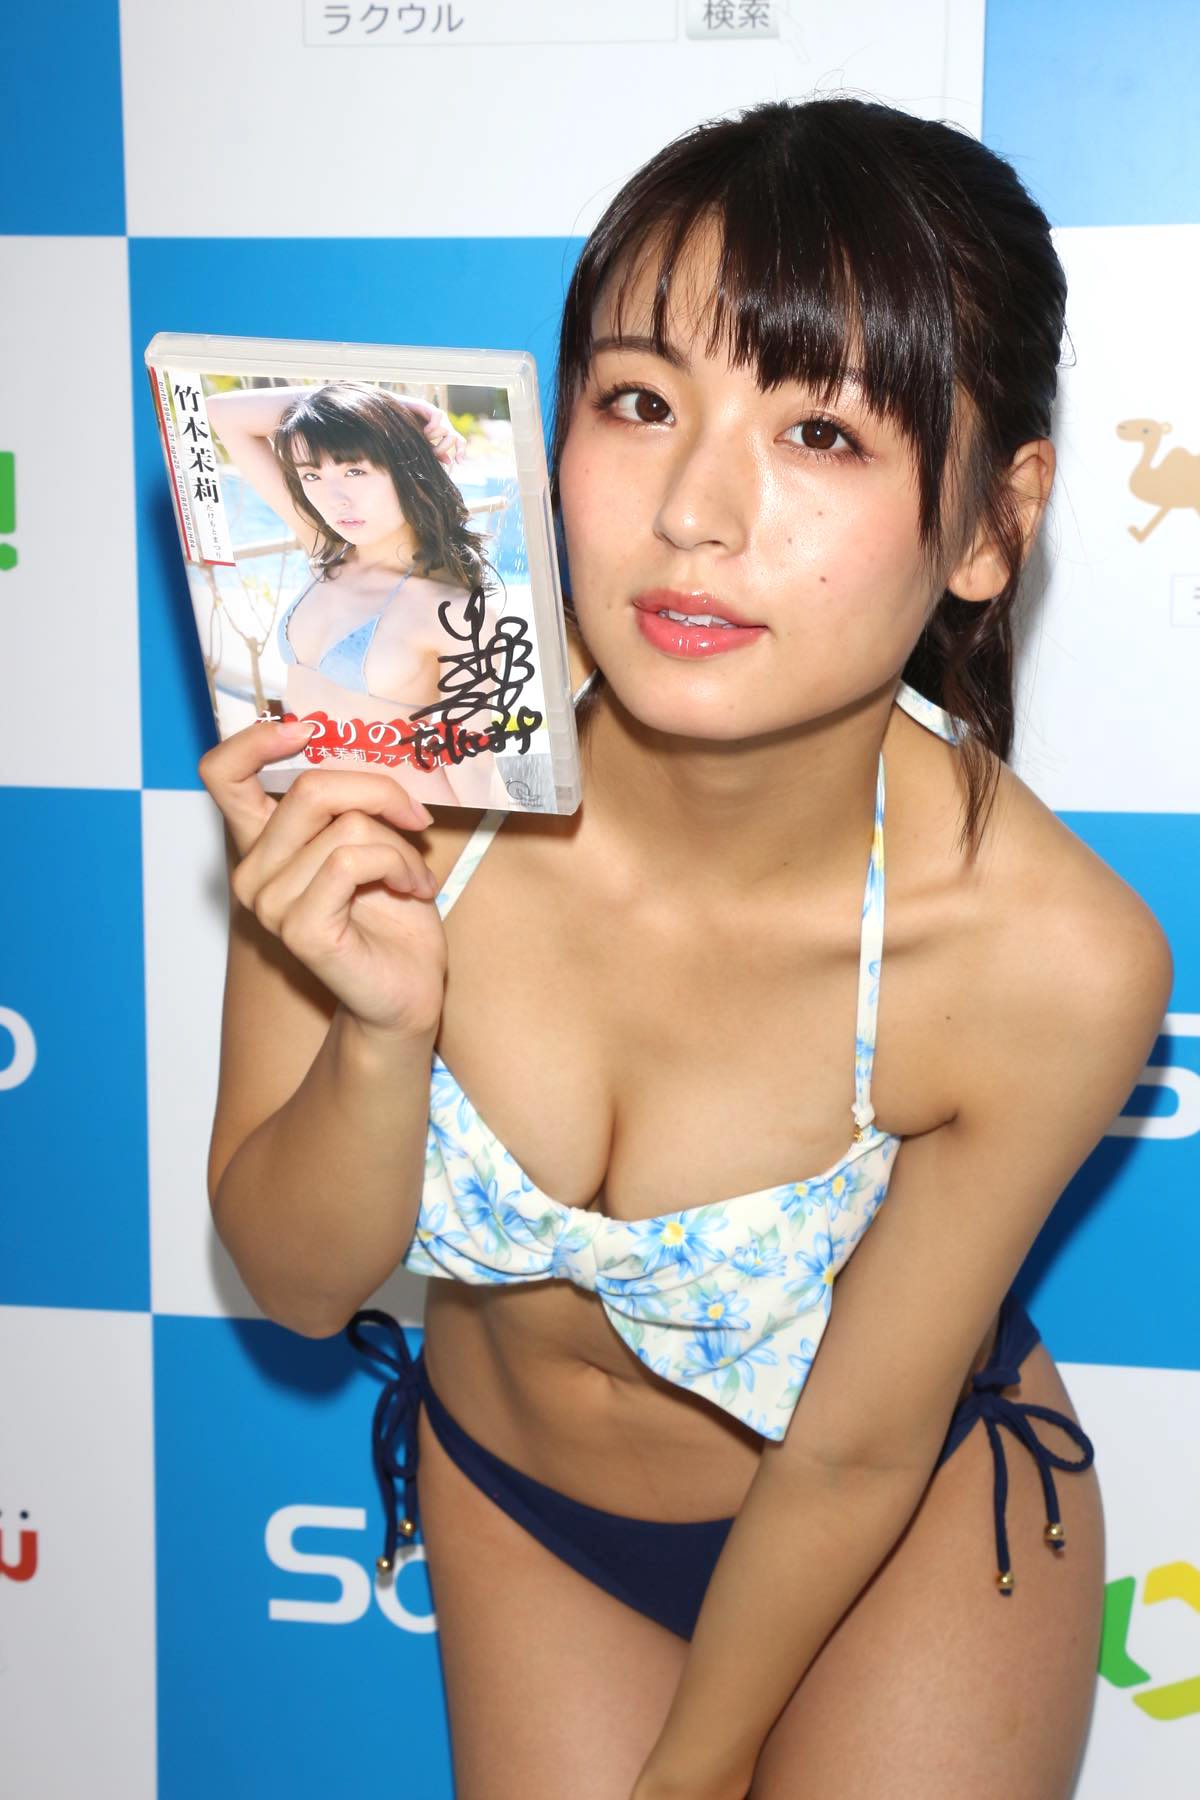 竹本茉莉「ハミ出てビックリ」最後のビキニ姿を大公開!【写真34枚】の画像032